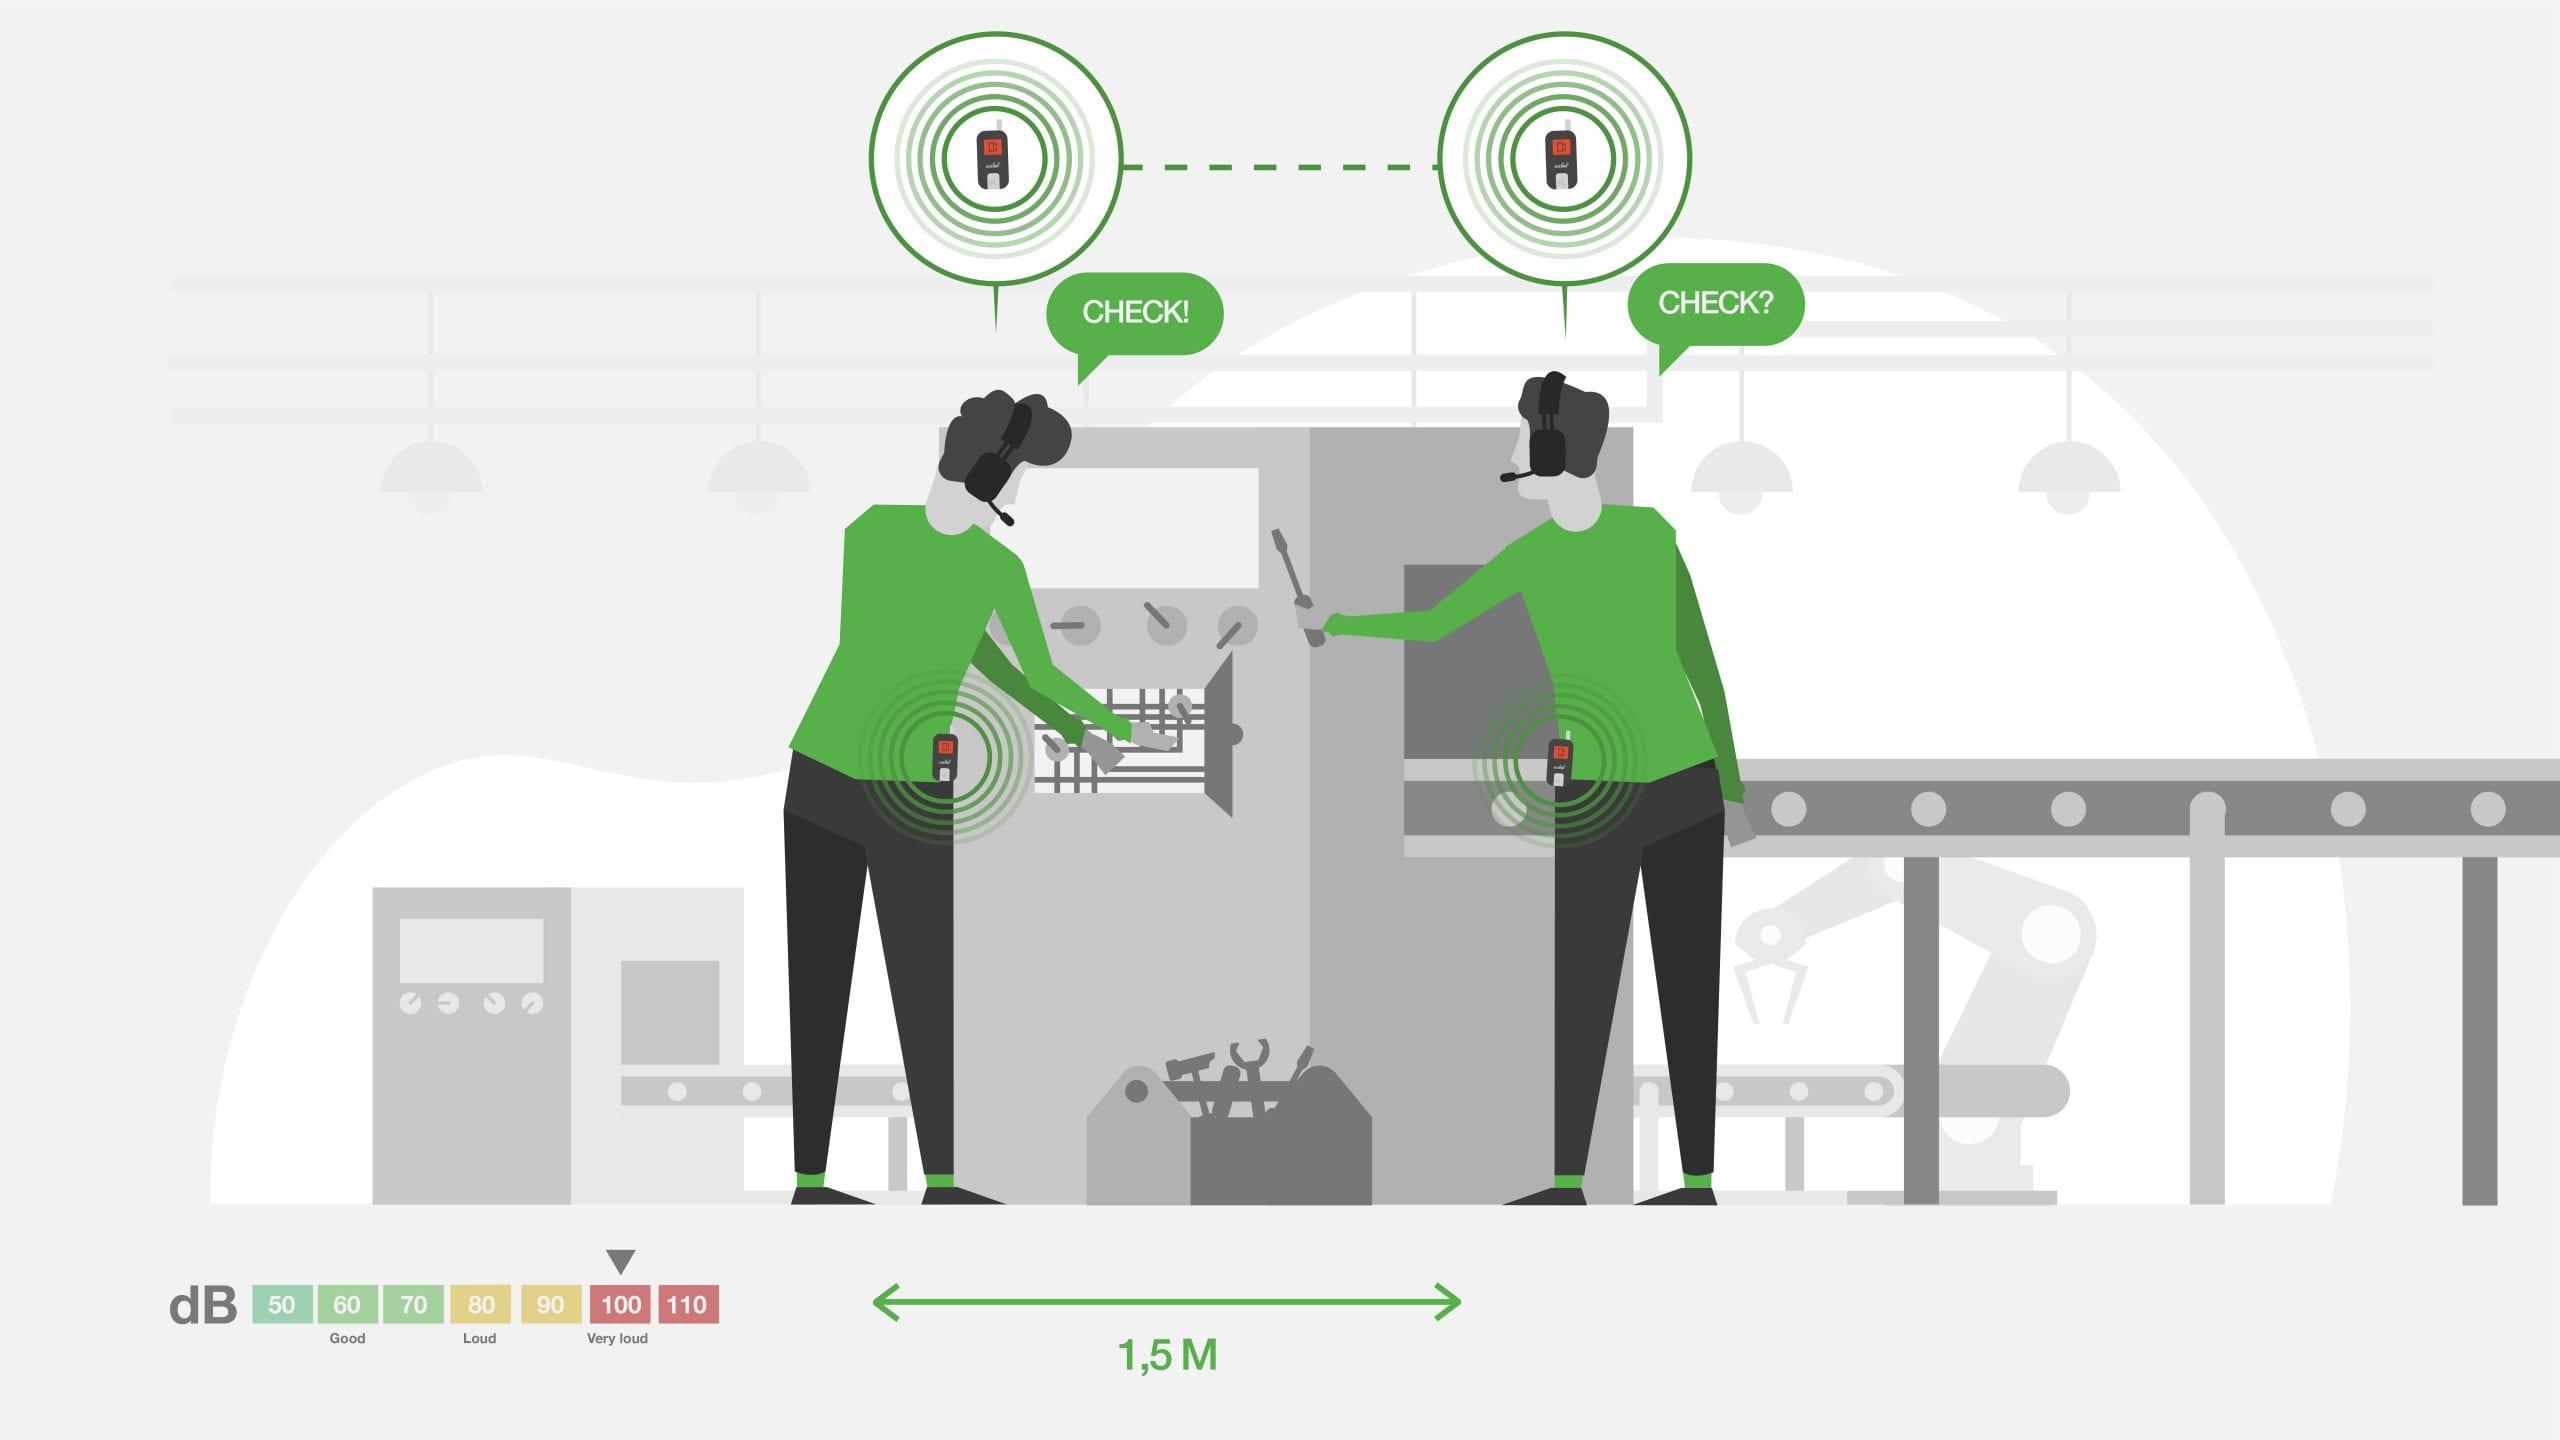 axiwi-draadloos-duplex-communicatiesysteem-veilig-hygiene-fabriek-samenwerken